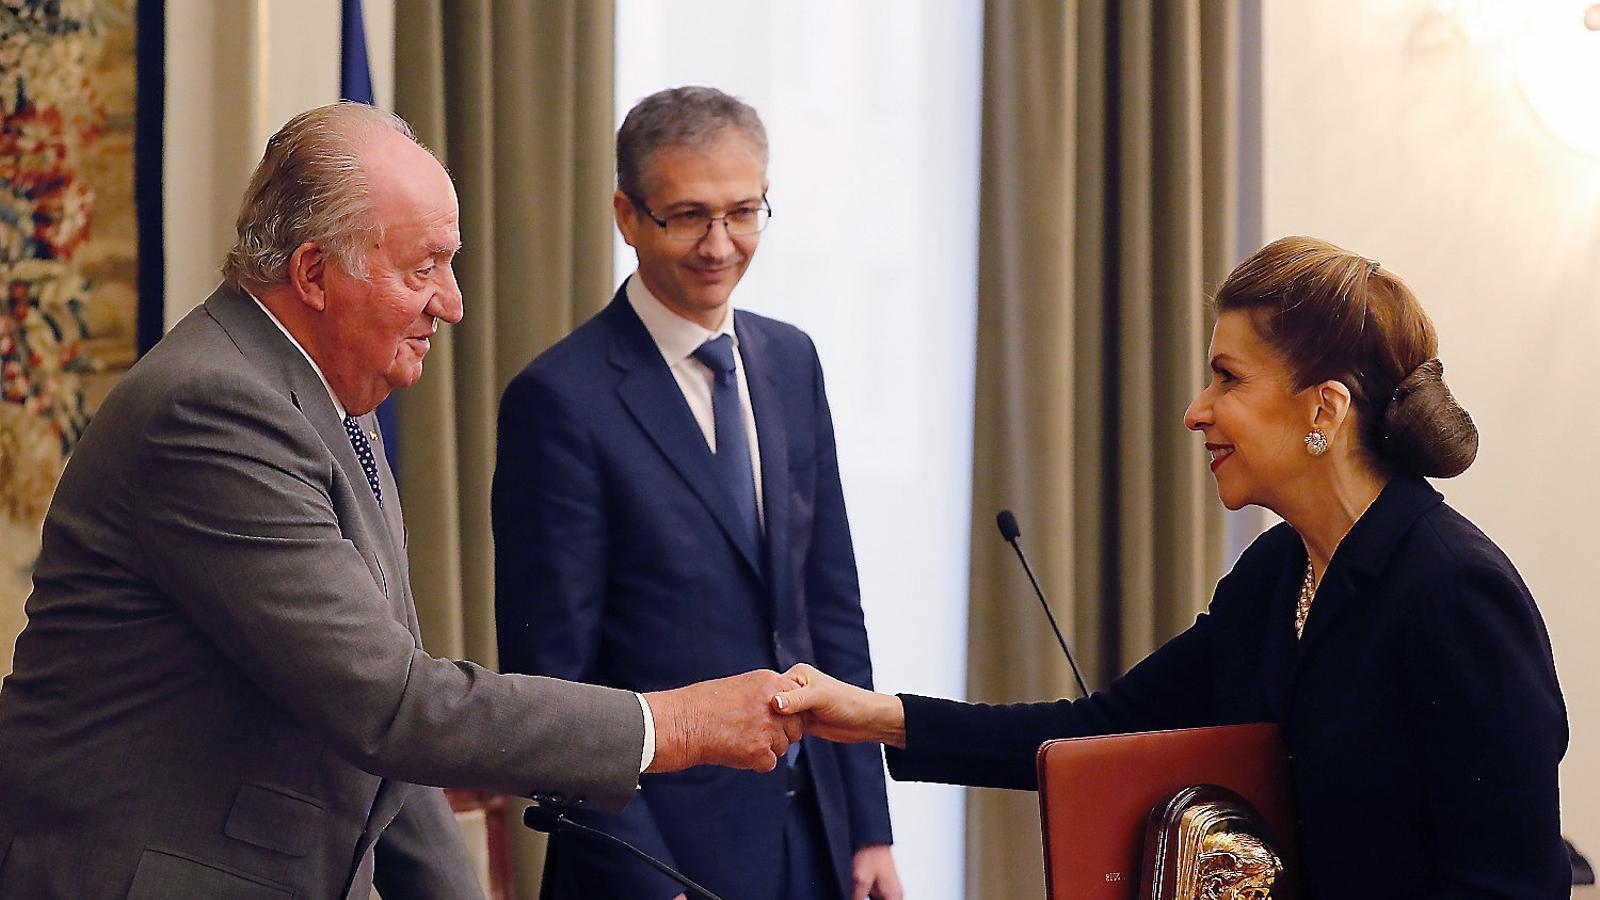 El Premi d'Economia Rei Joan Carles cau en desgràcia